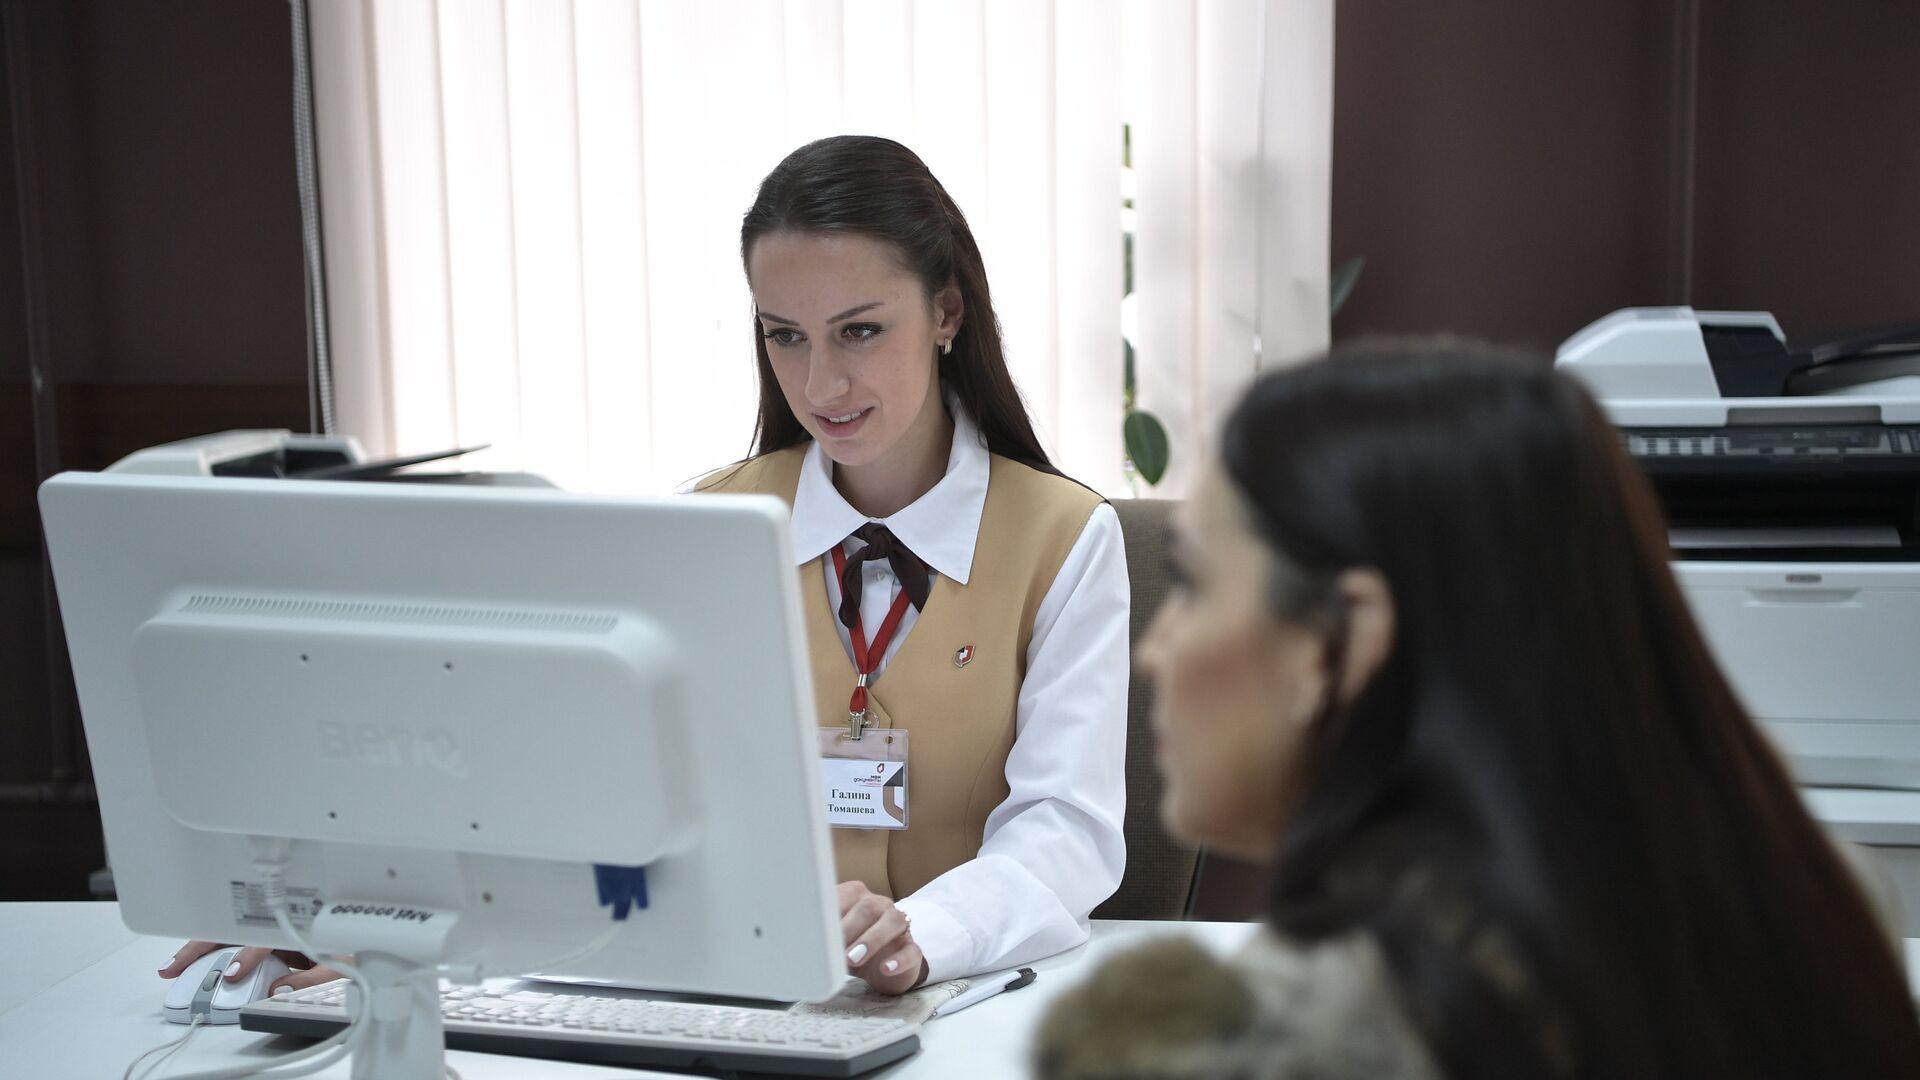 Женщина на консультации у специалиста - РИА Новости, 1920, 12.04.2021